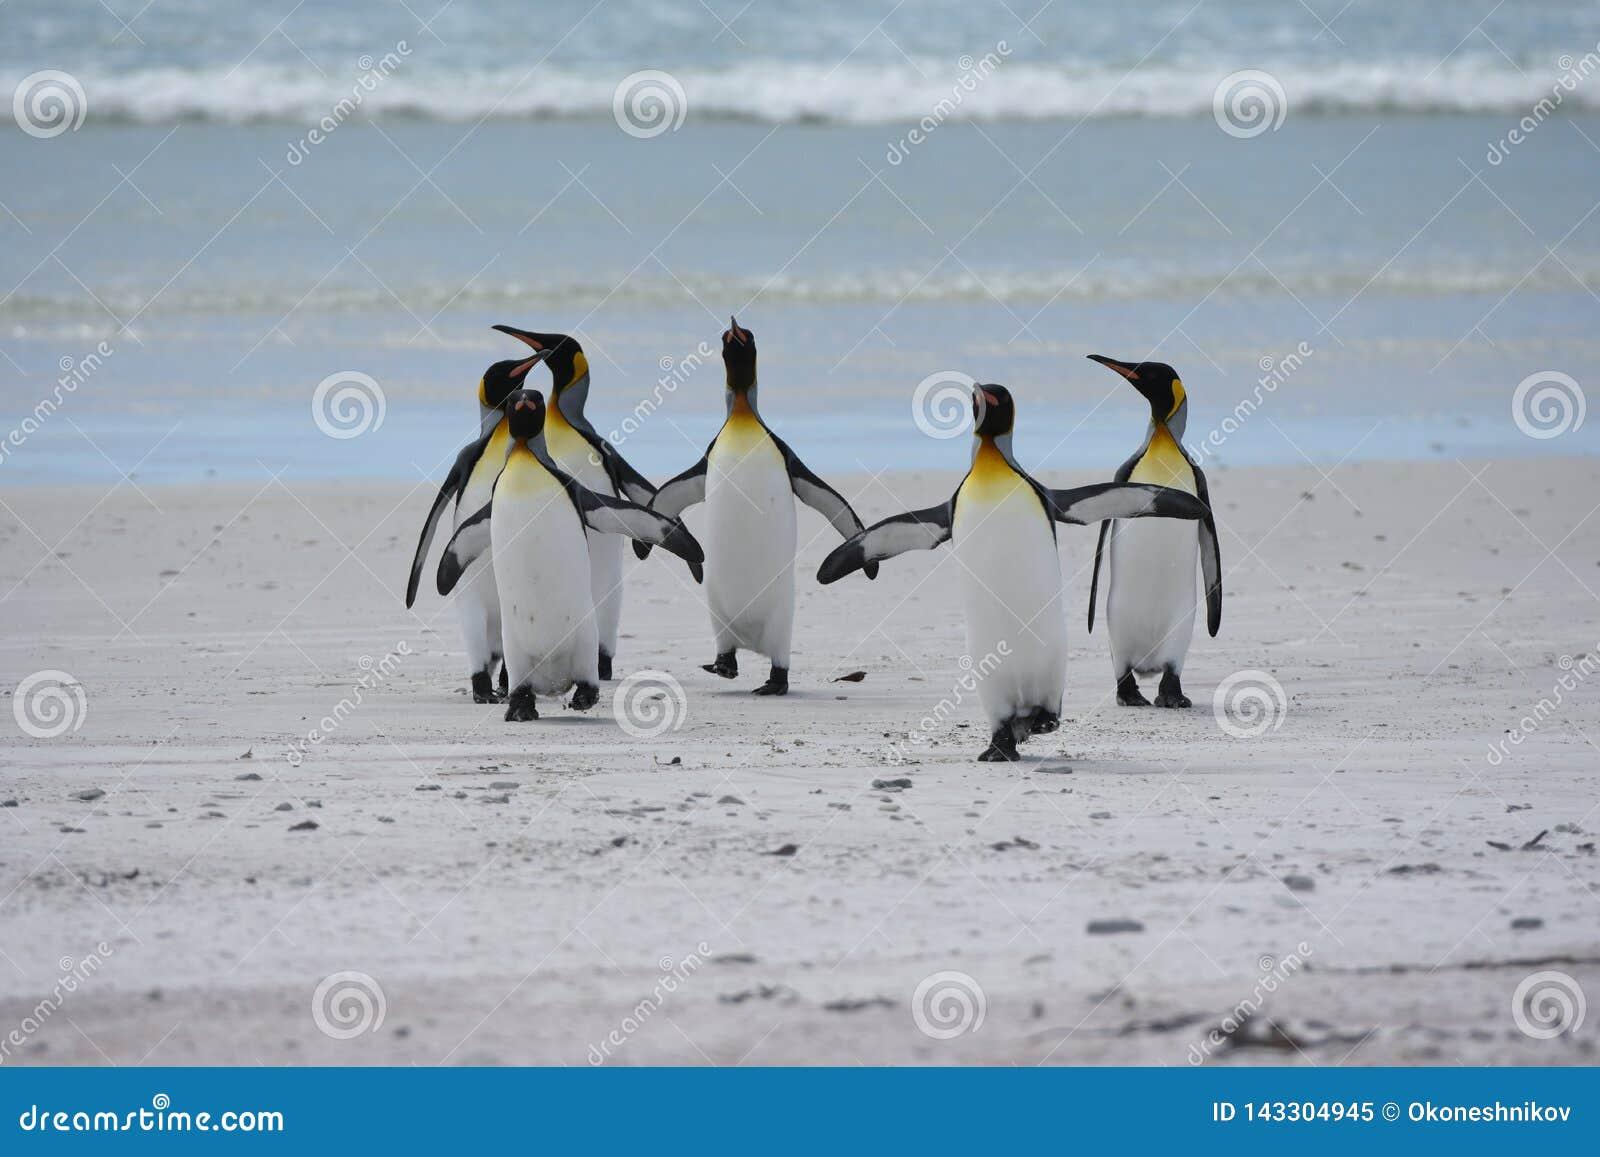 Koning Penguins in Vrijwilligerspunt, Falkland Islands